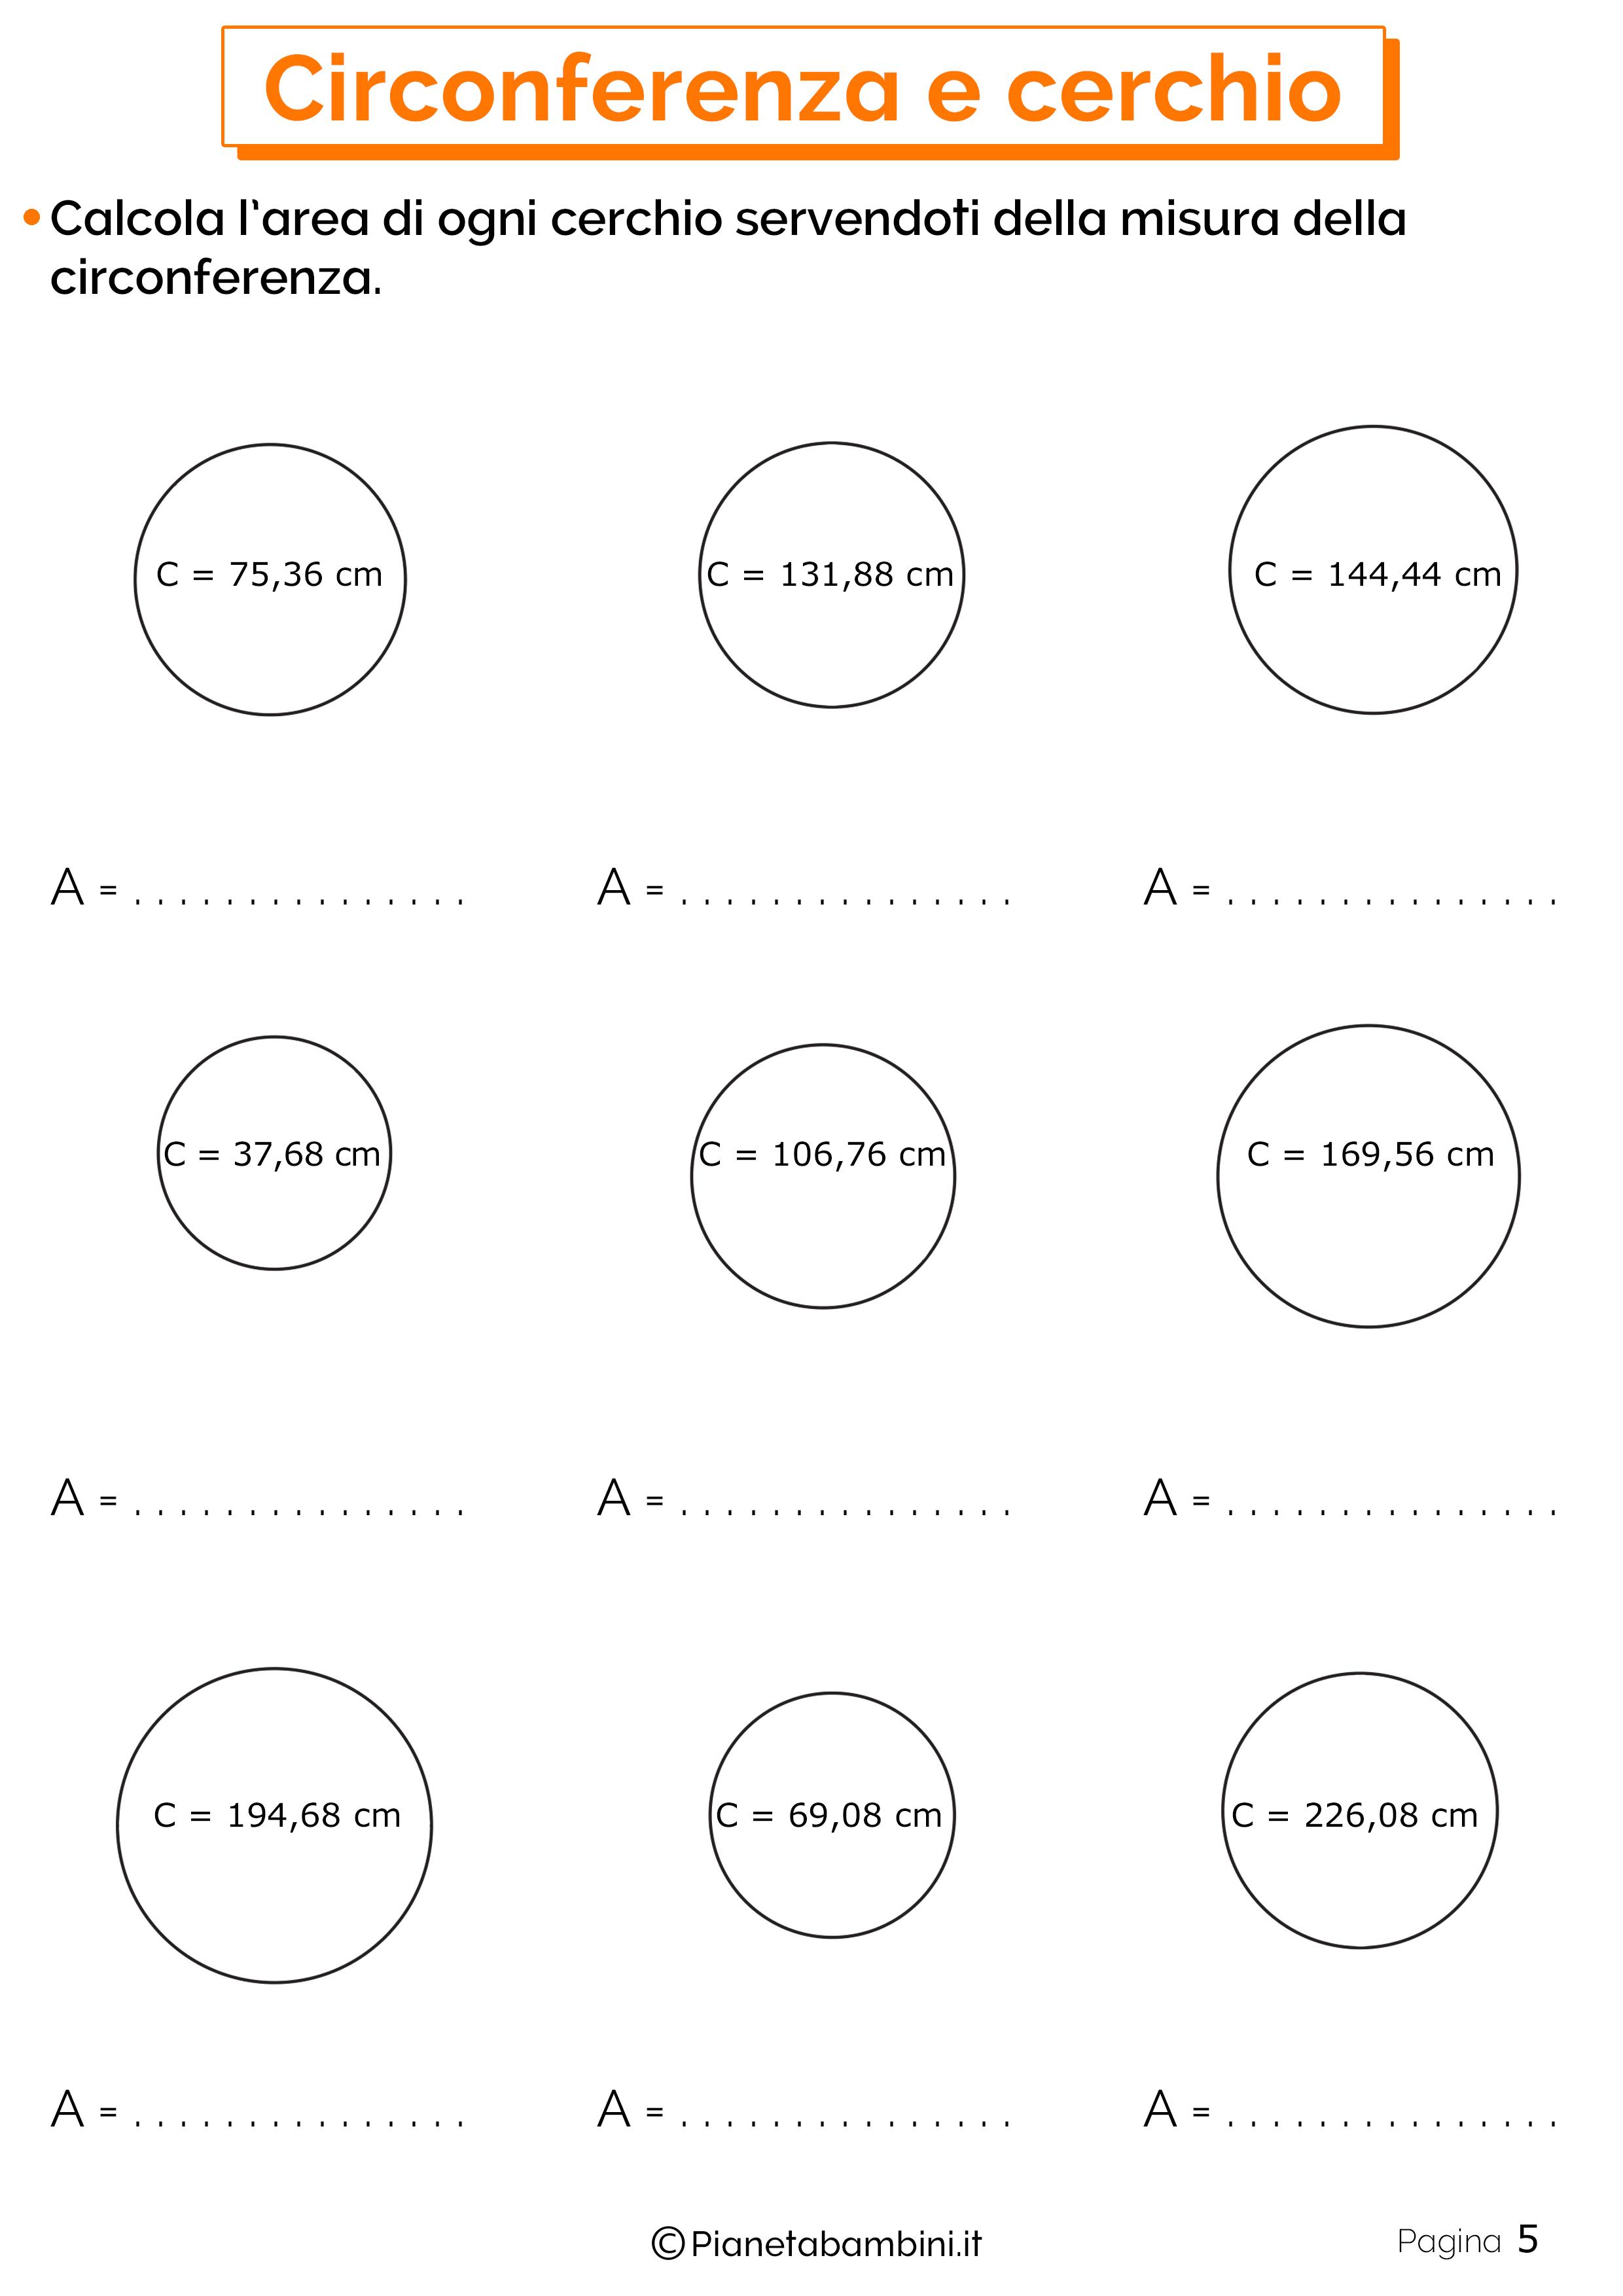 Schede didattiche su circonferenza e cerchio 5